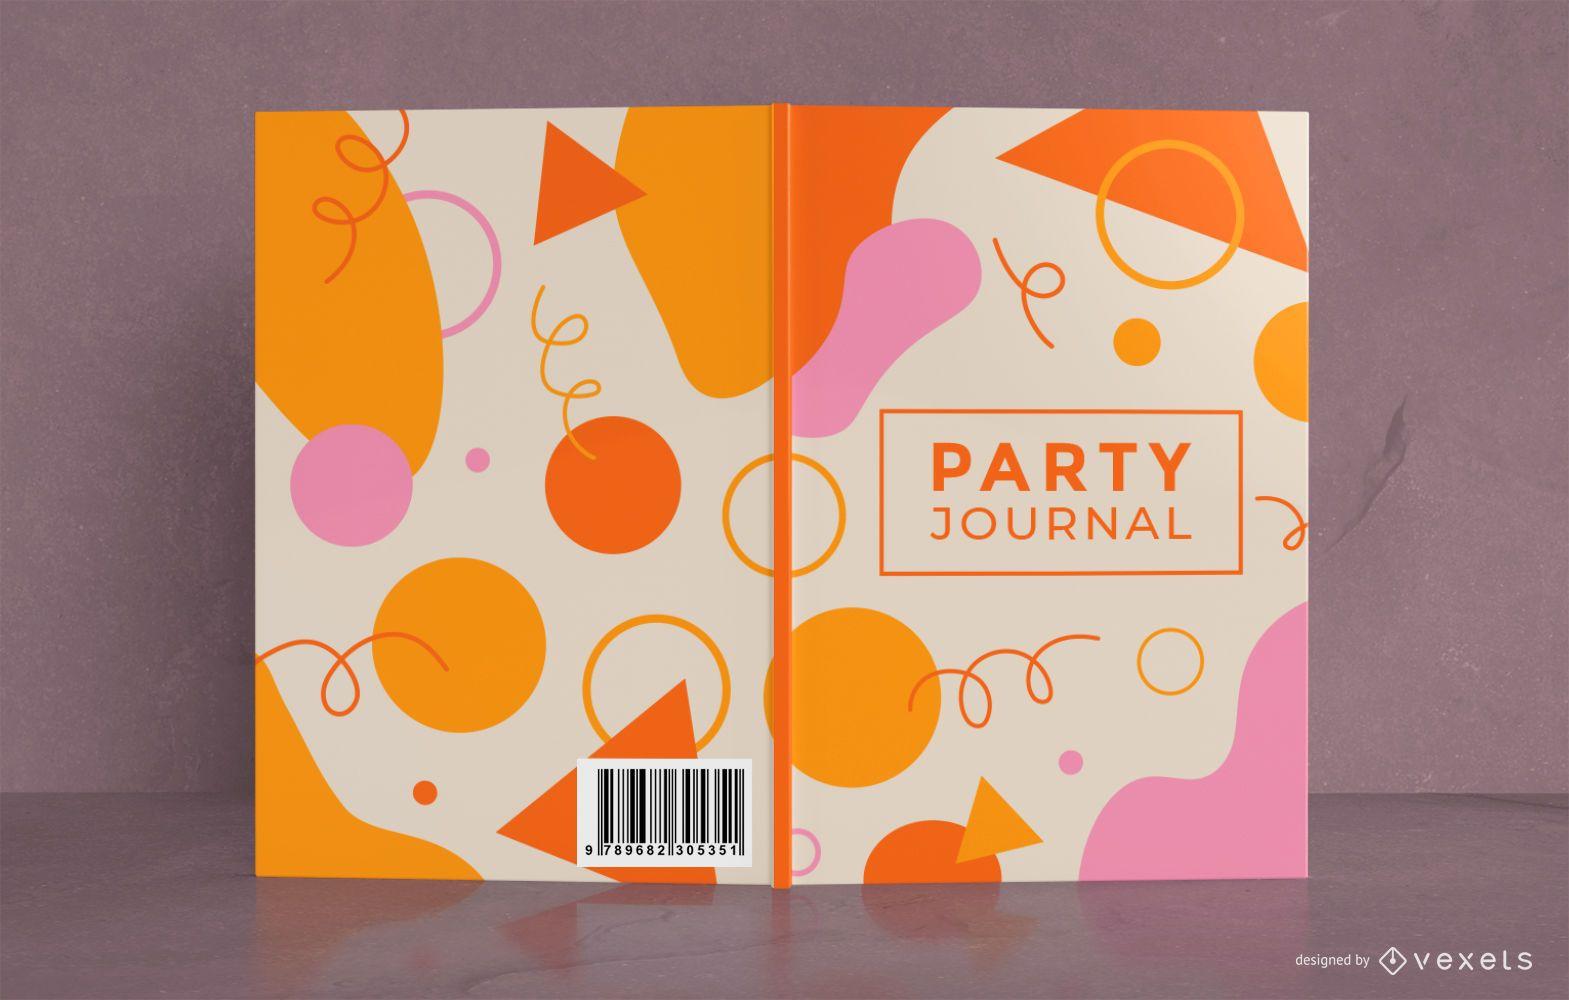 Diseño de portada de libro de diario de fiesta colorido